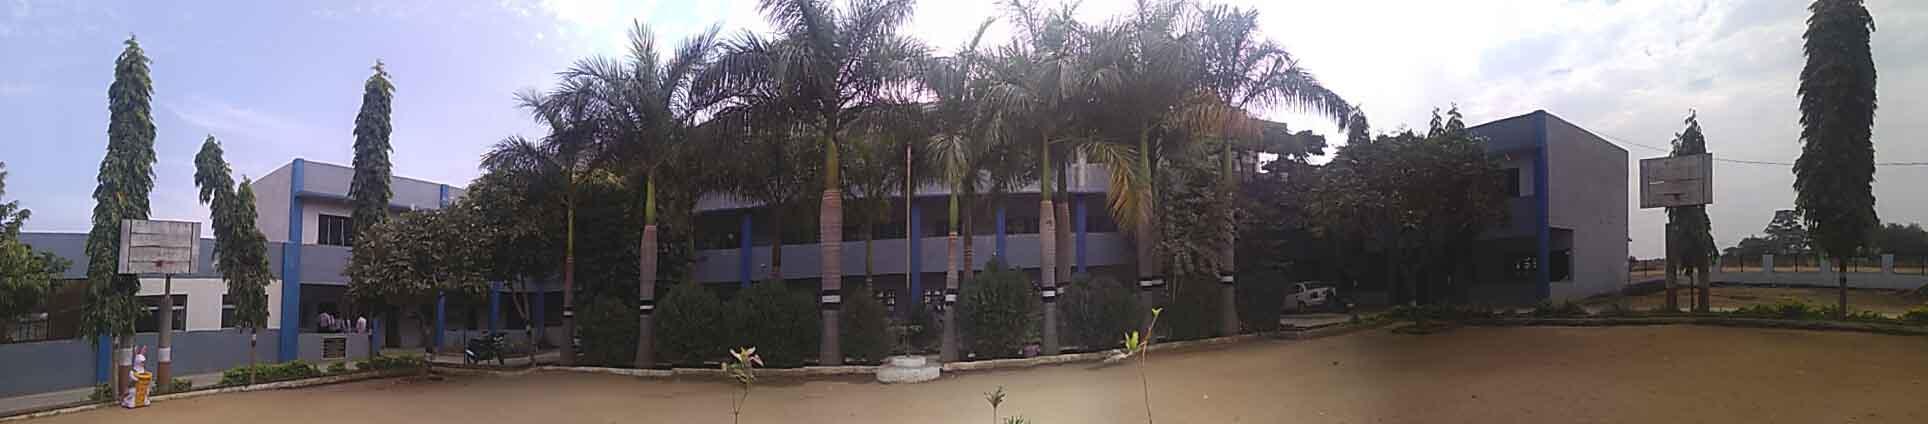 Patel Public School Chhotaudepur Road Borkhad Alirajpur 1030380